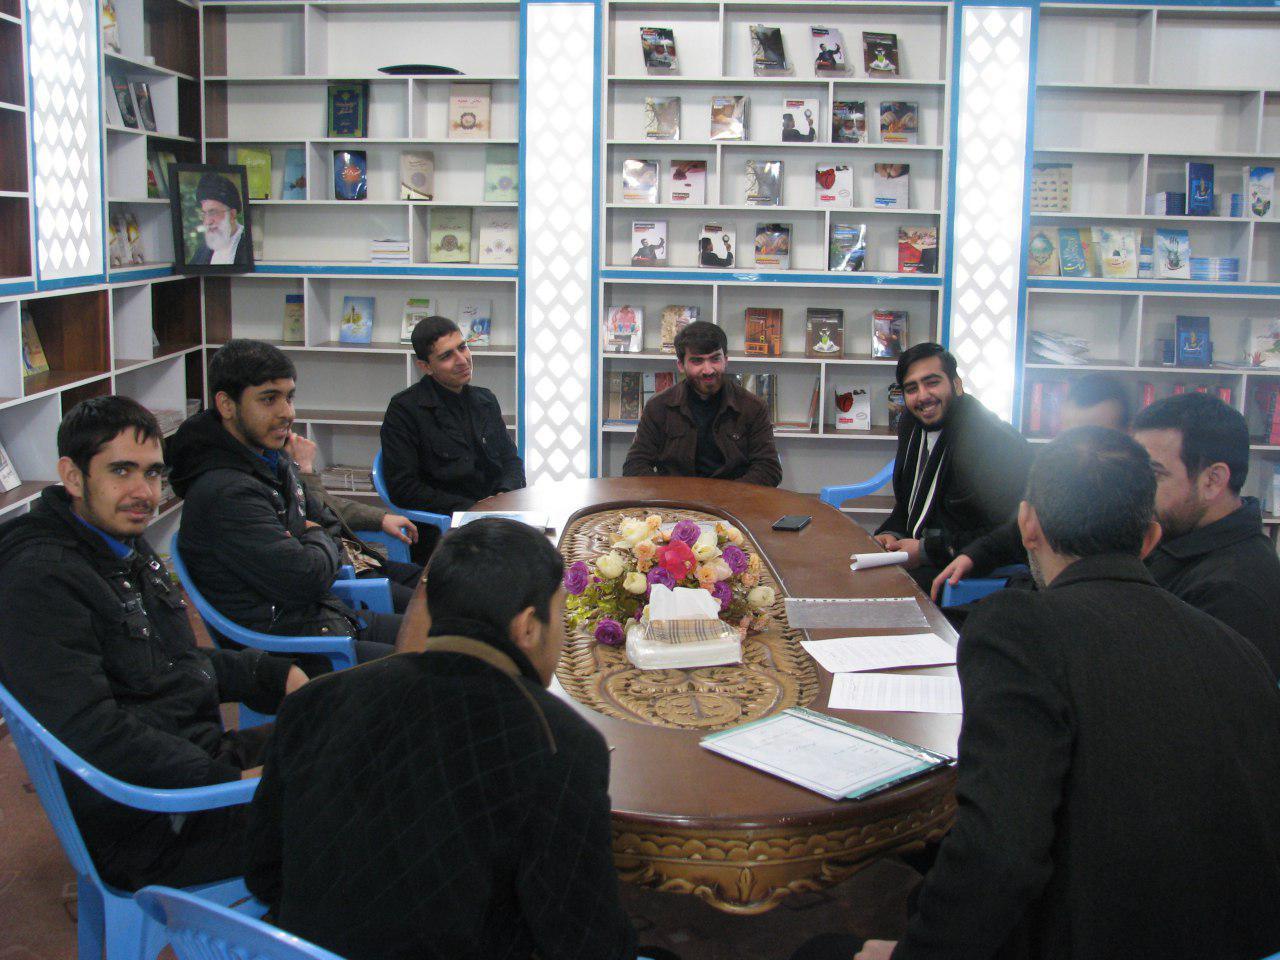 جلسه توجیهی گروه برادران طرح مطالعاتی آرامش ماندگار جهت اعزام به مدارس سطح شهرستان